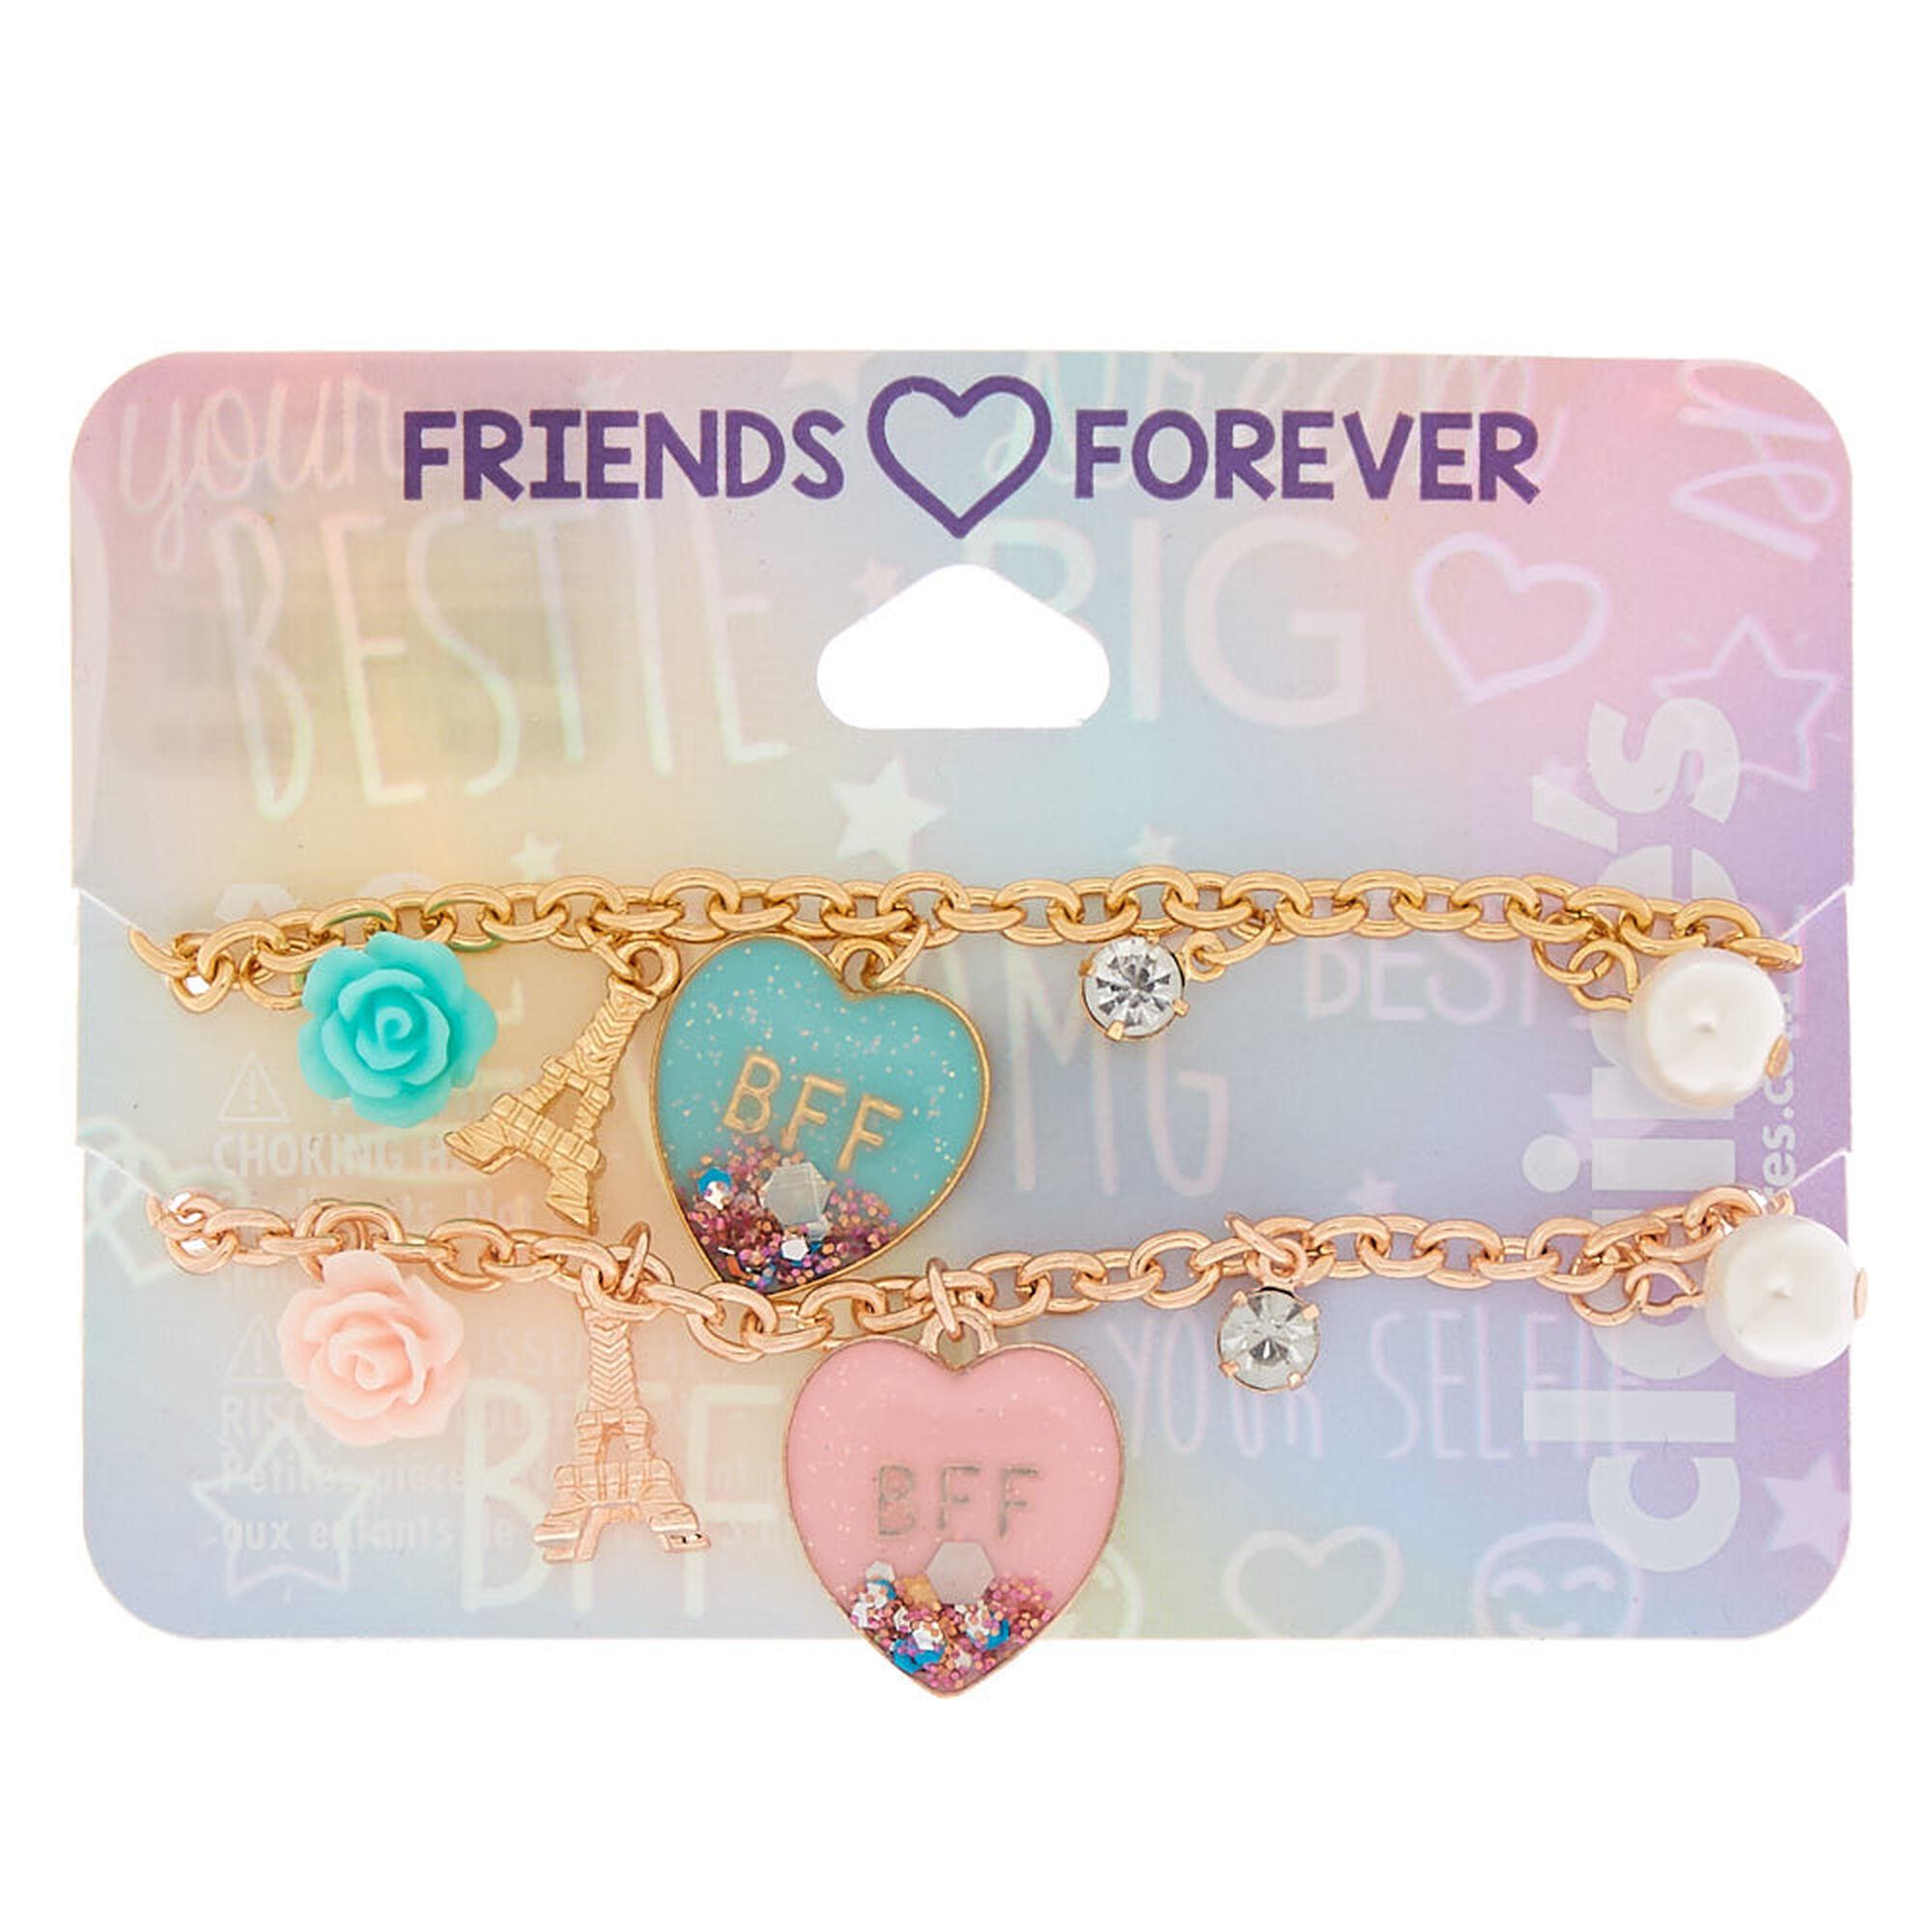 6b10ee6898075 Paris Love Chain Friendship Bracelets - 2 Pack